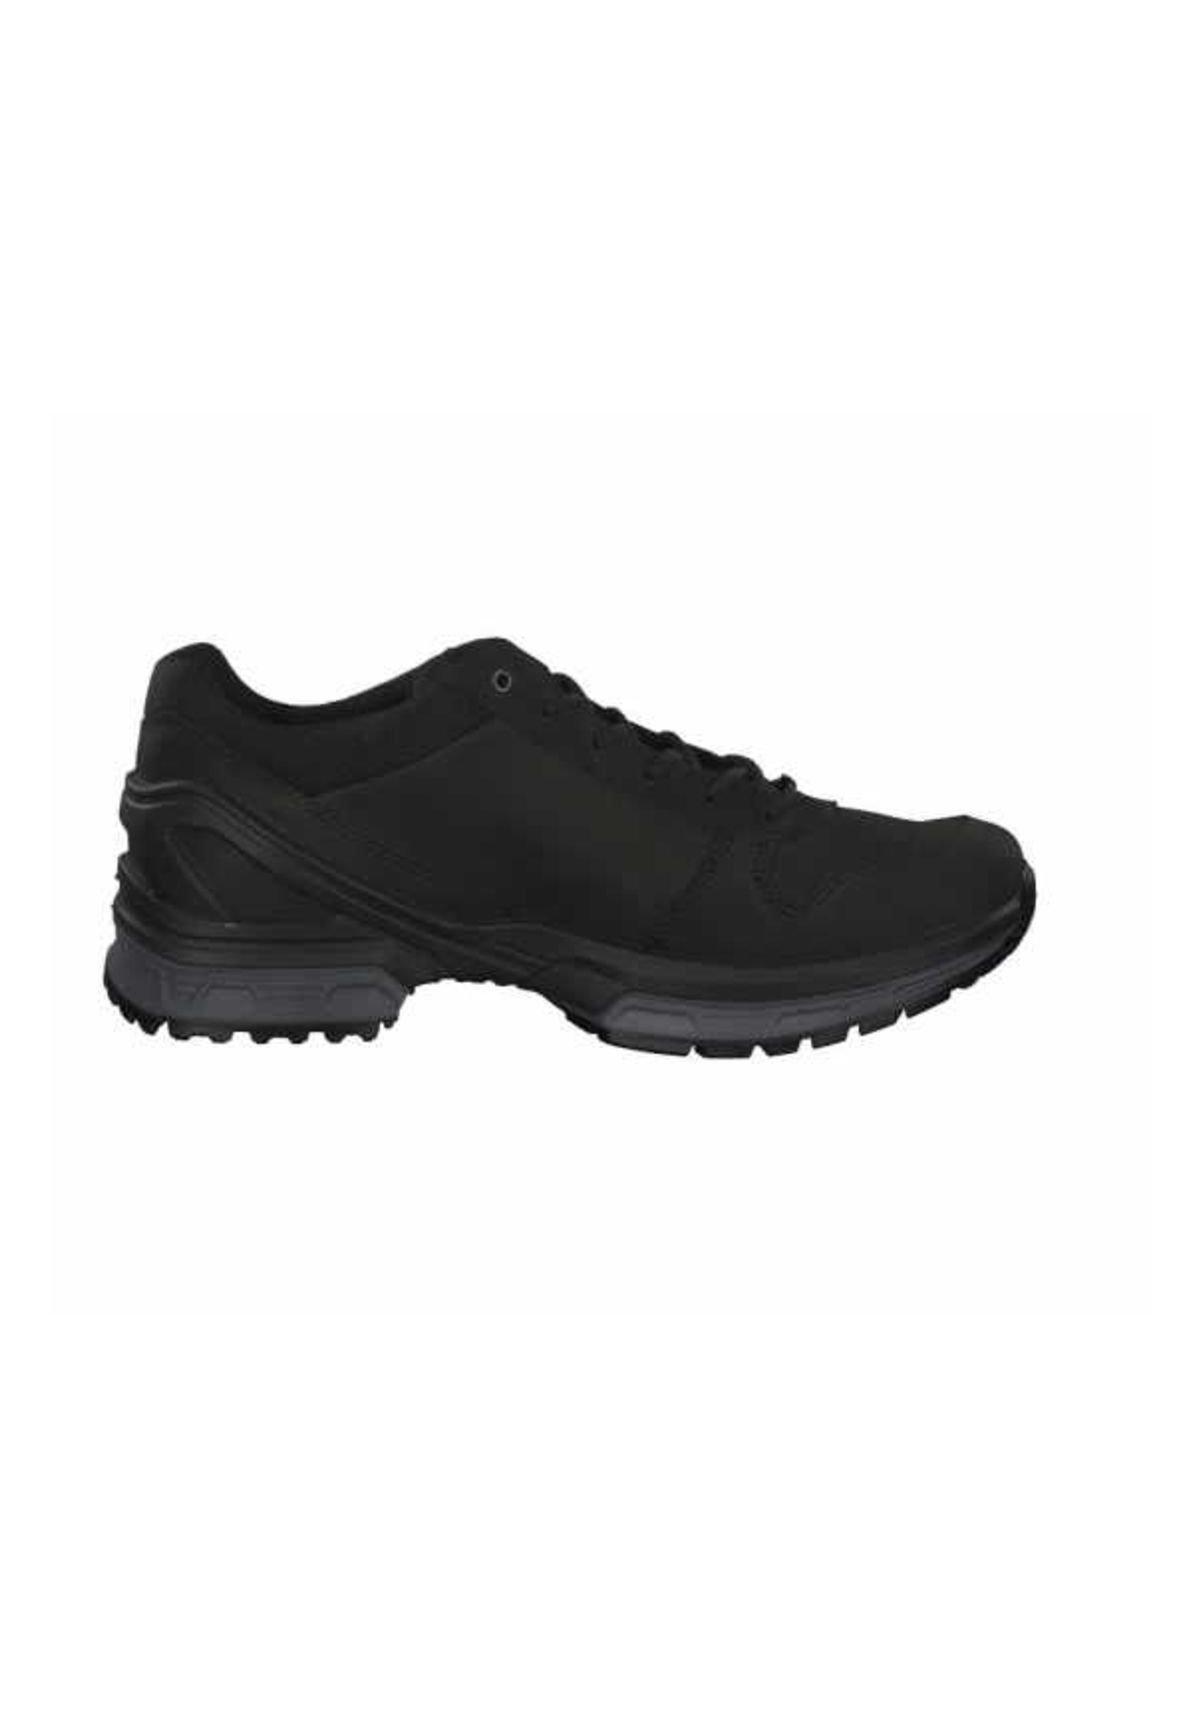 Lowa Sneaker low - schwarz - Herrenschuhe d81LA